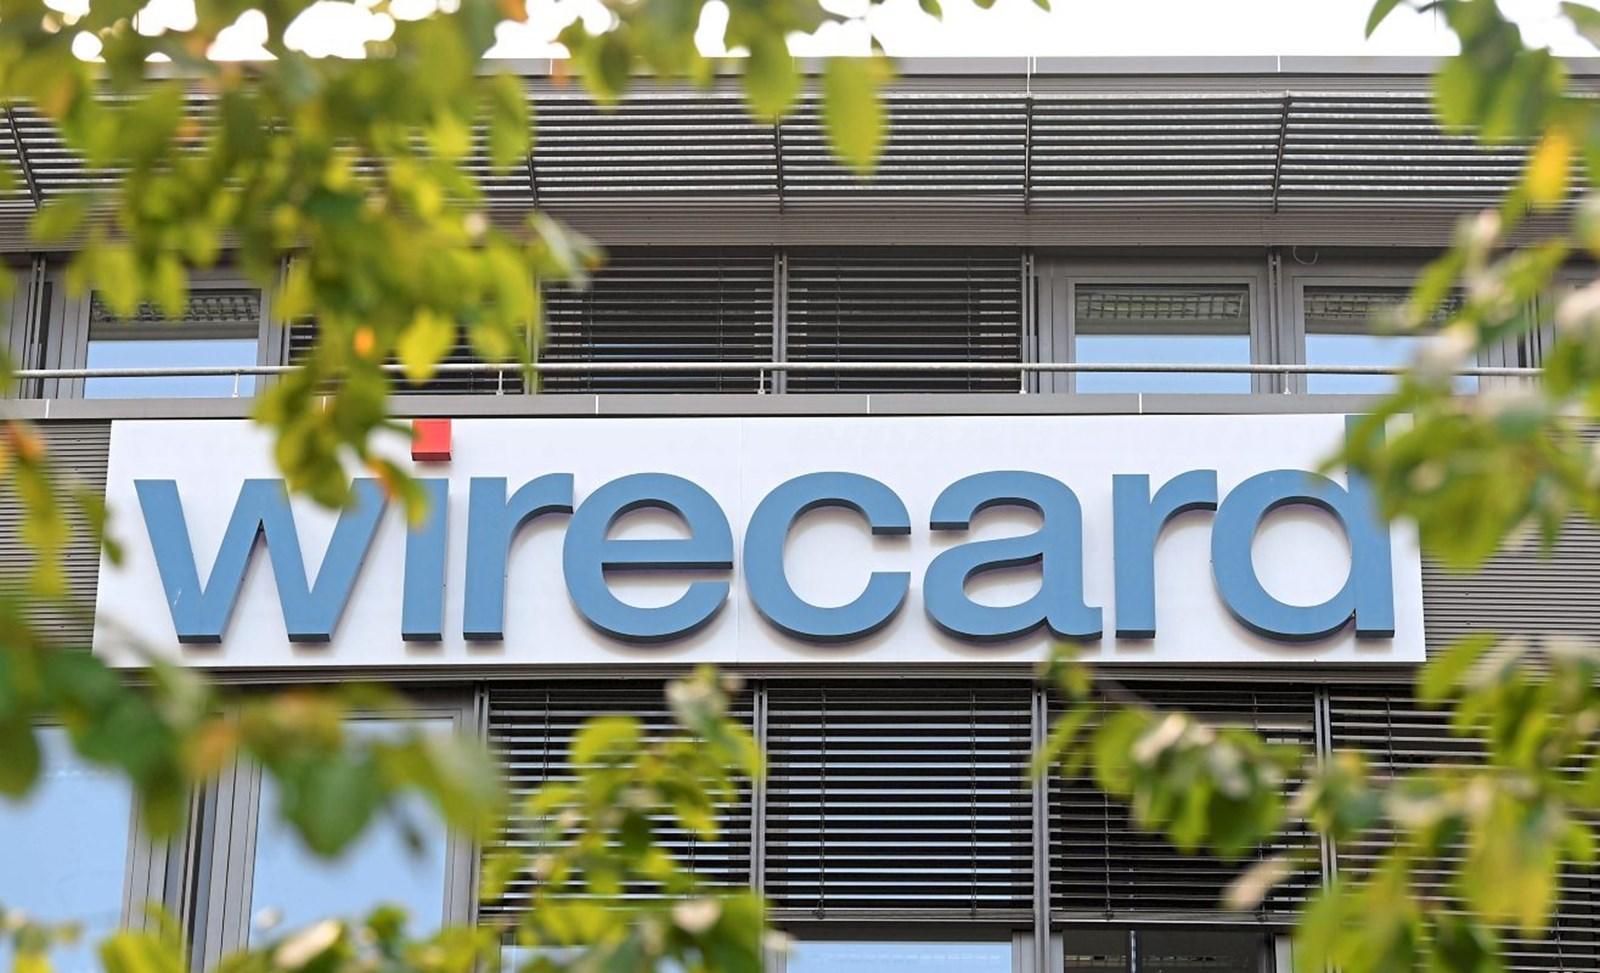 Verbot der Spekulation auf fallende Wirecard-Aktien beendet